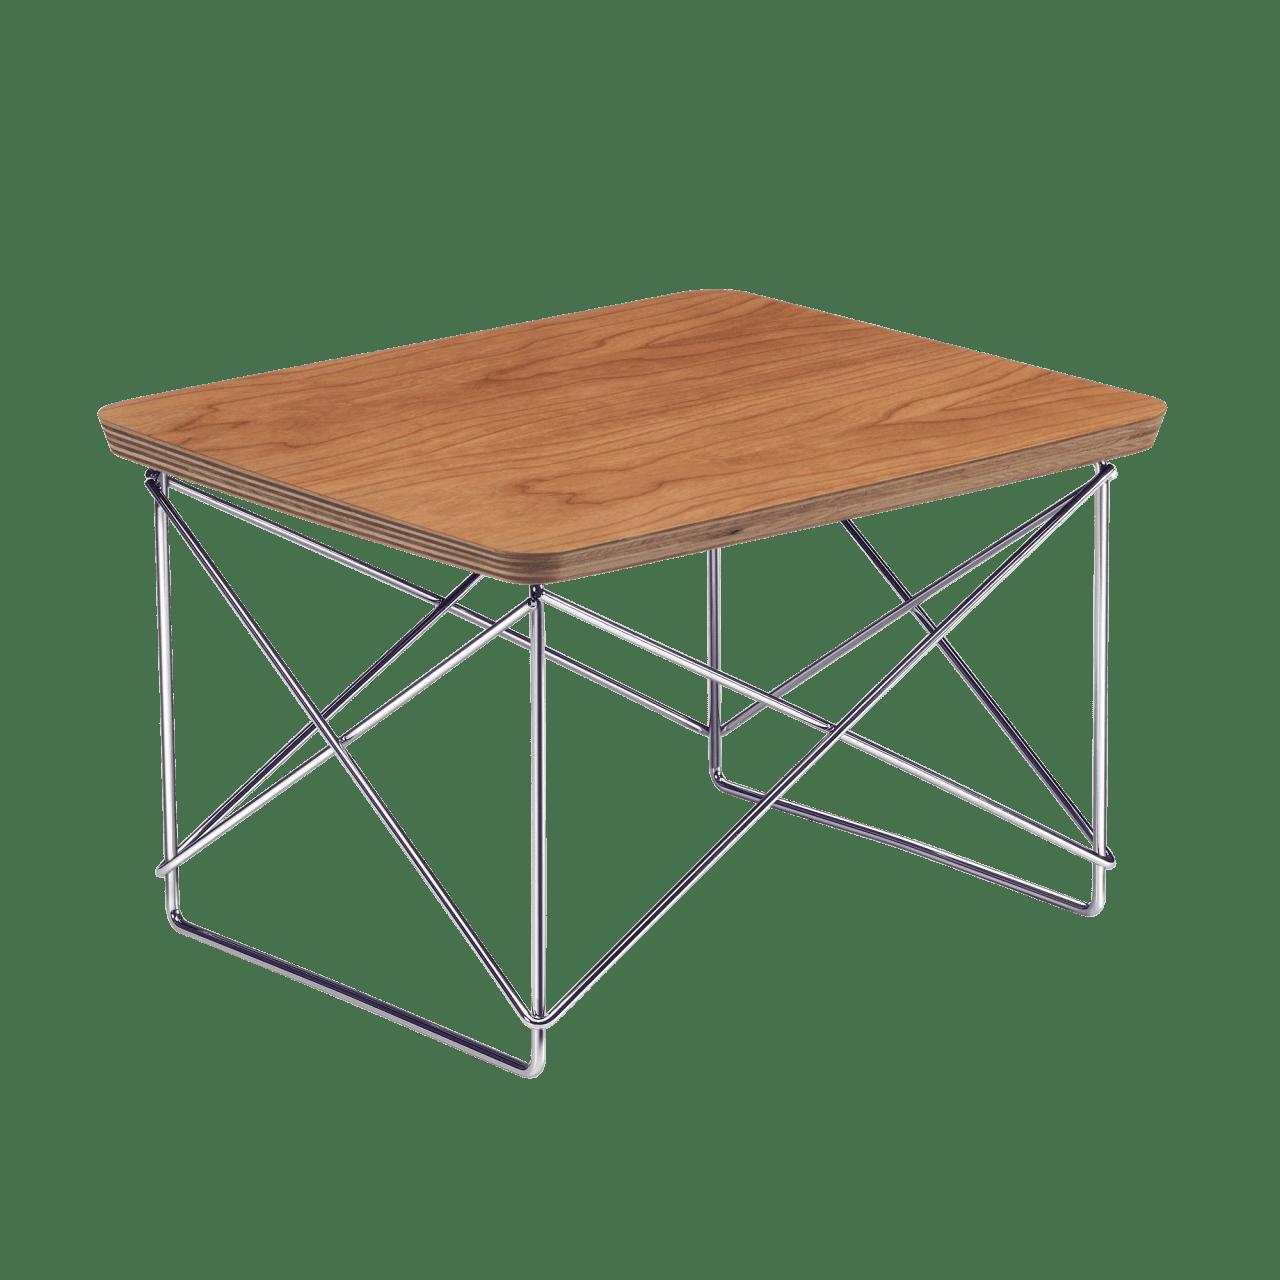 Occasional Table LTR Beistelltisch